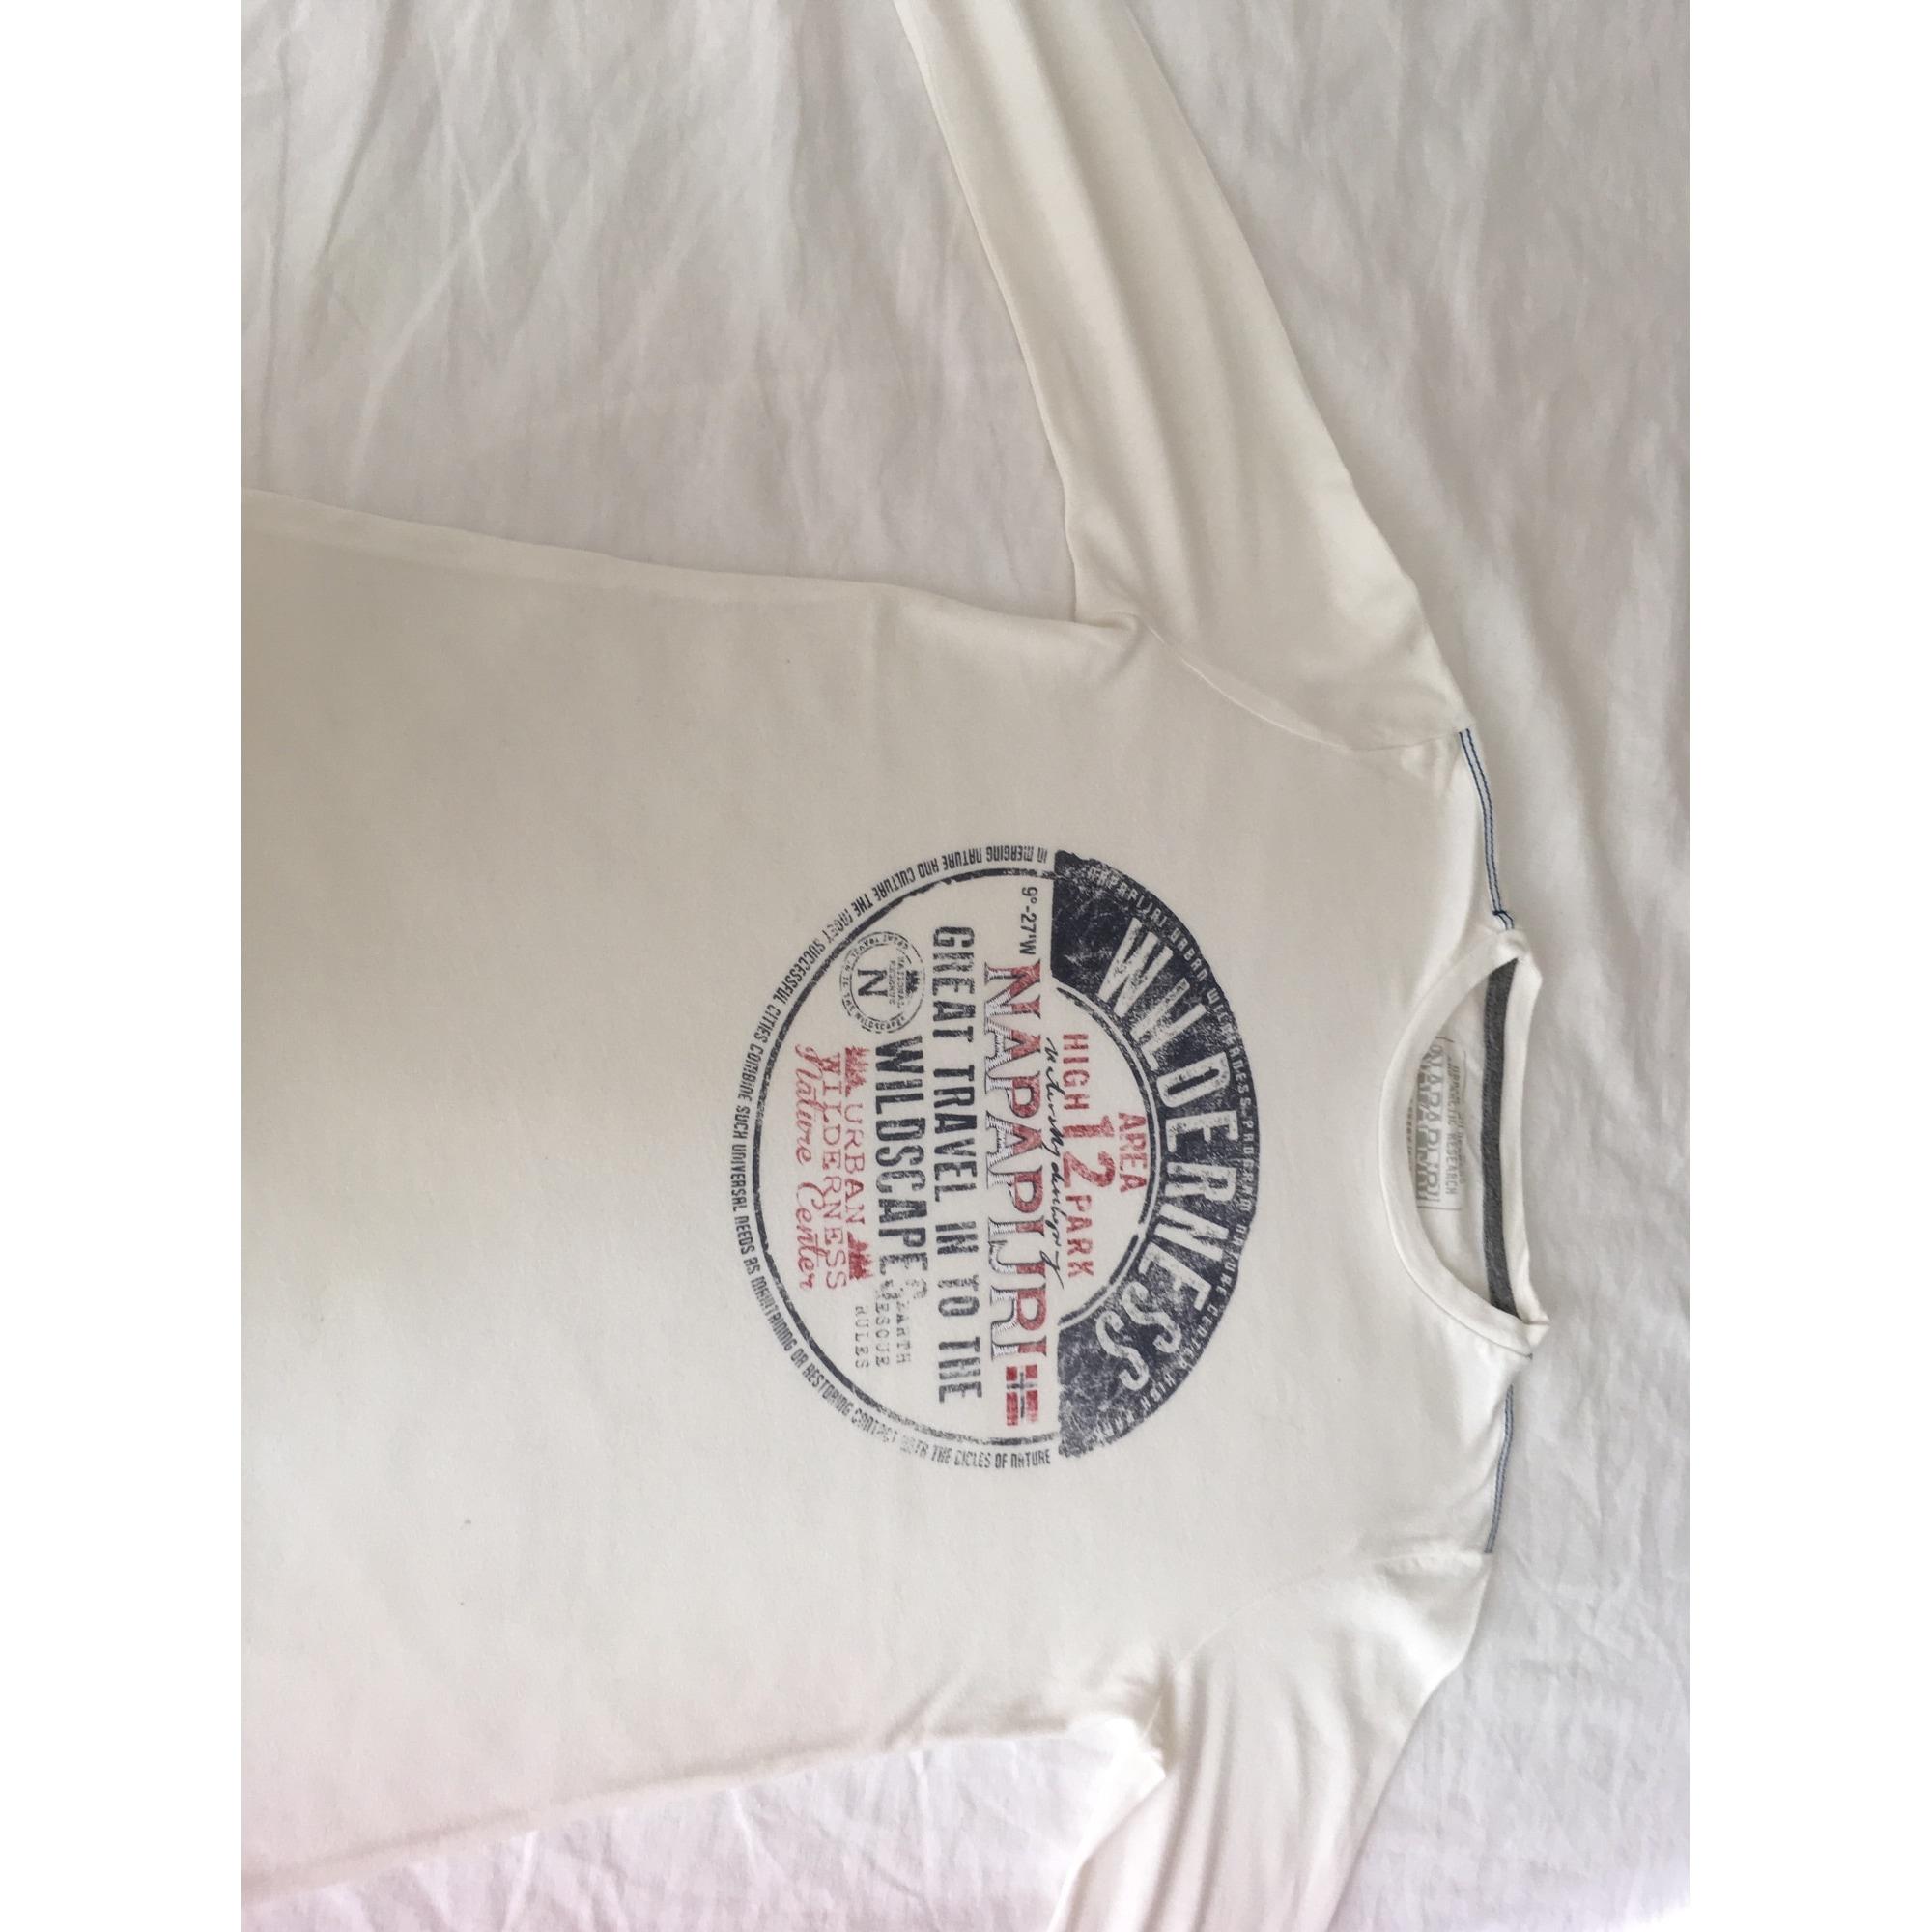 Tee-shirt NAPAPIJRI Blanc, blanc cassé, écru